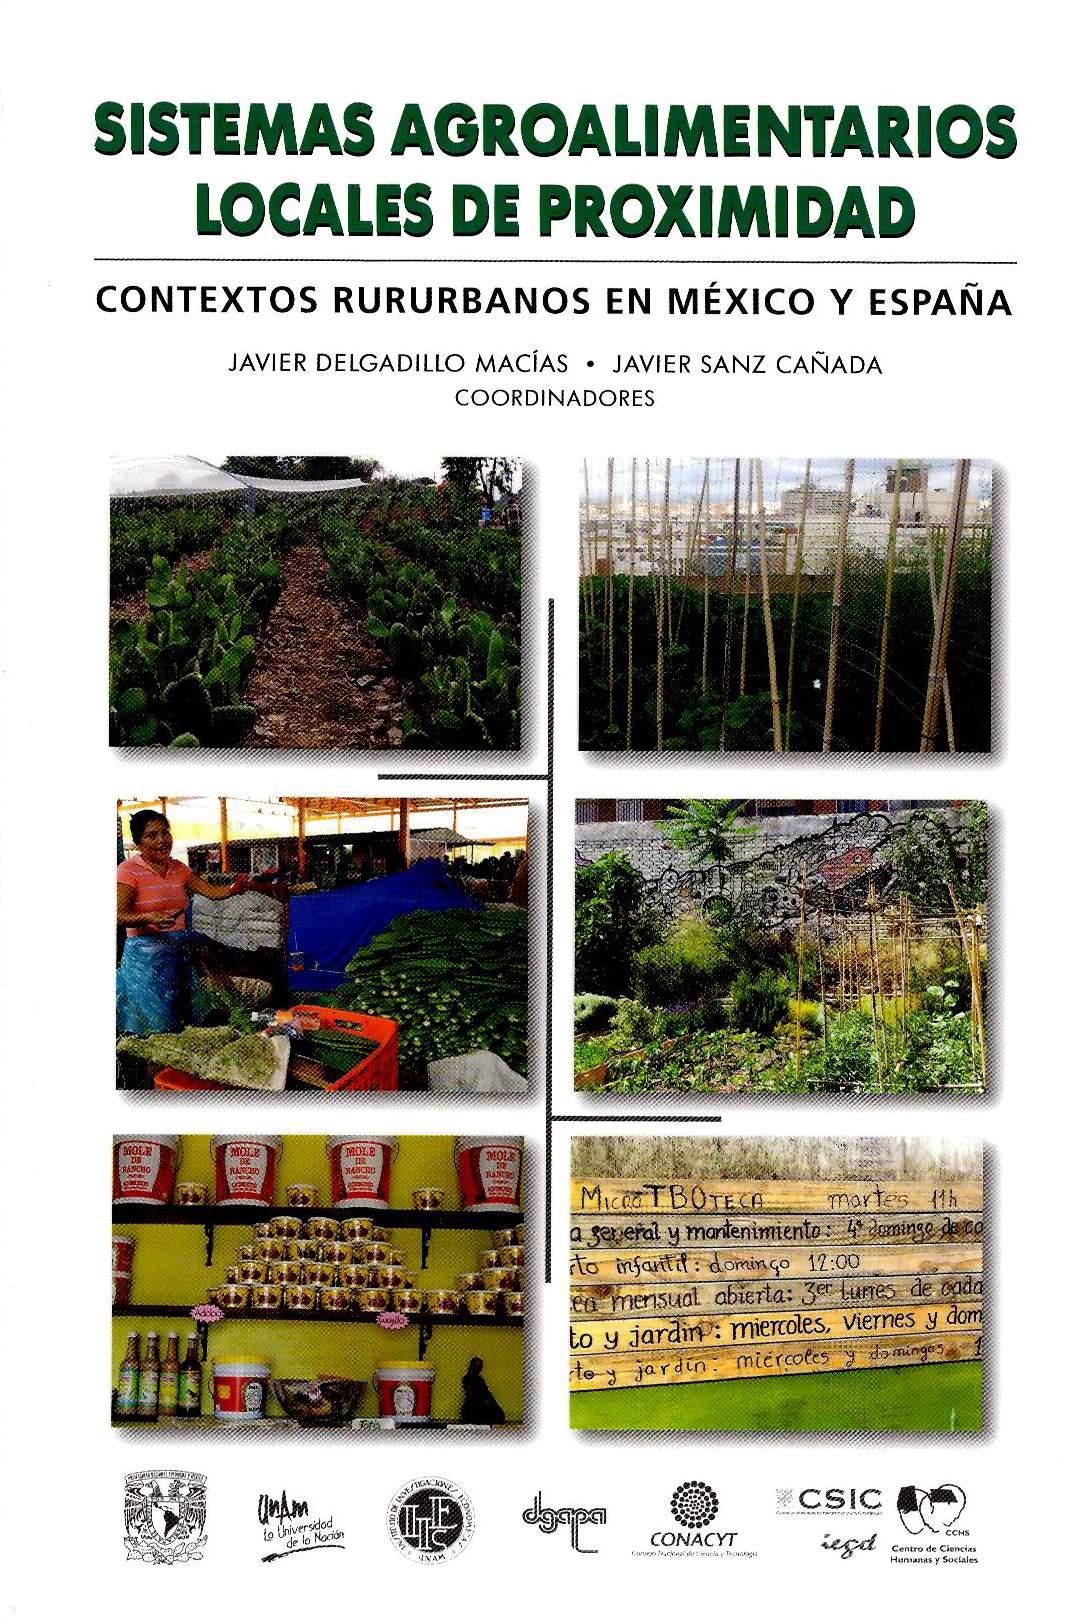 Sistemas agroalimentarios locales de proximidad: contextos rururbanos en México y España